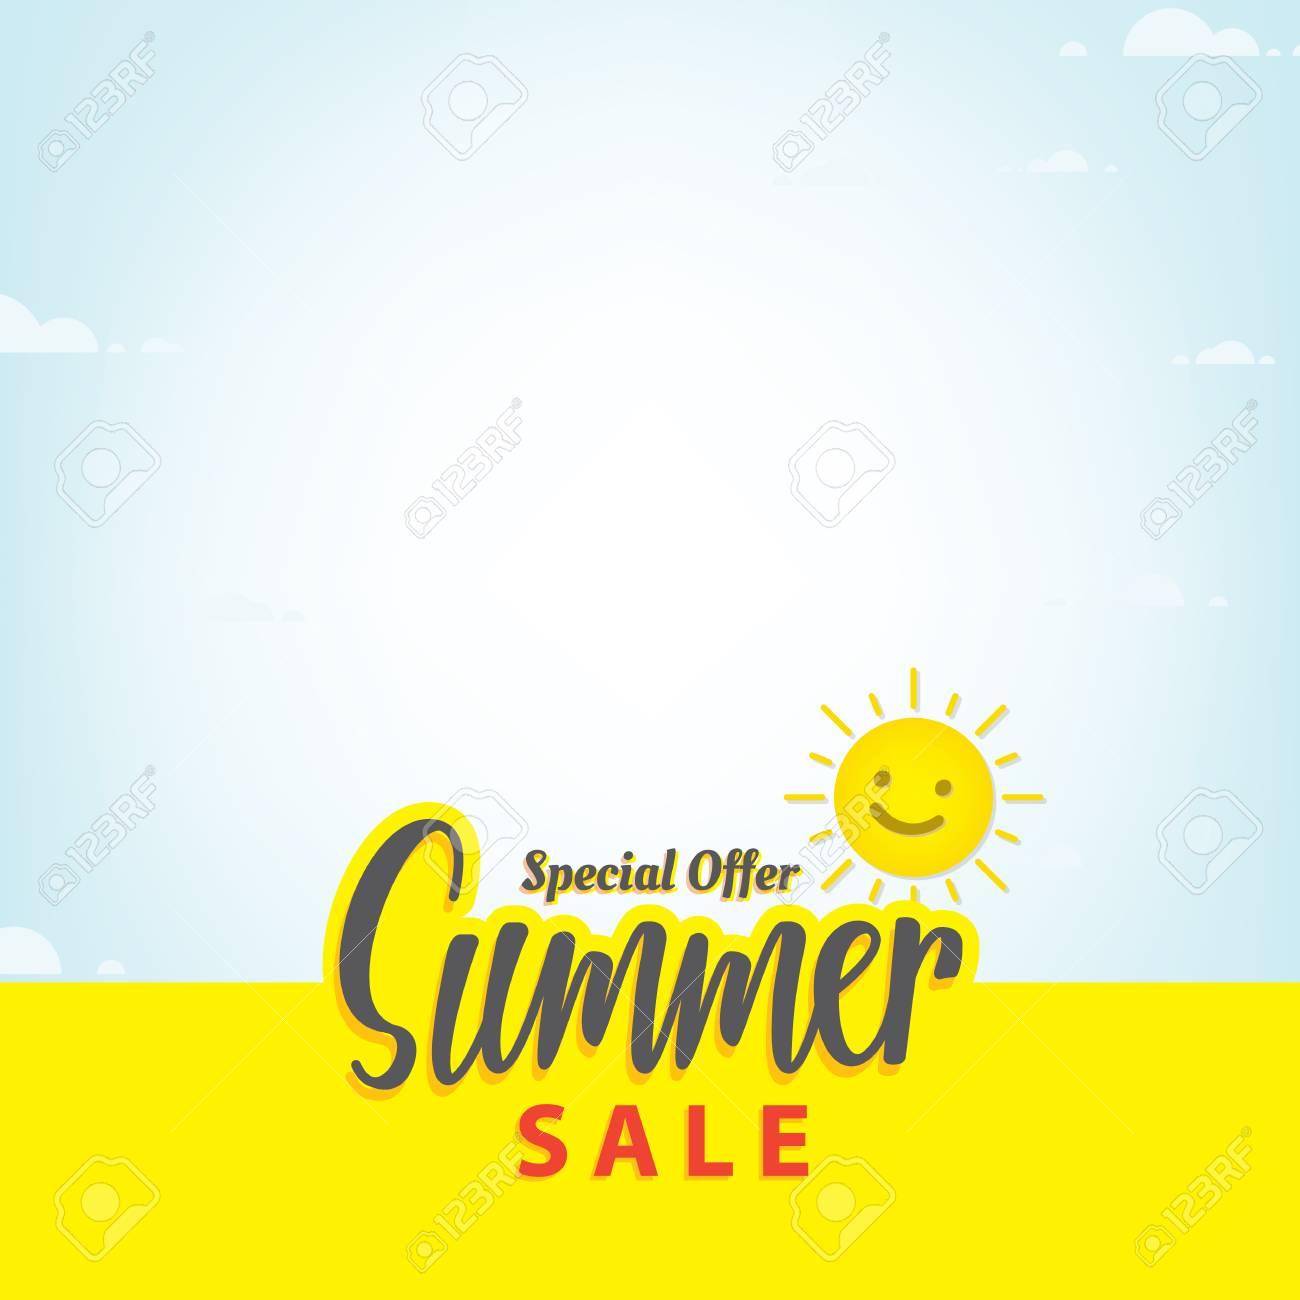 Summer Sale Blank Frame Heading Design For Banner Or Poster Stock Vector